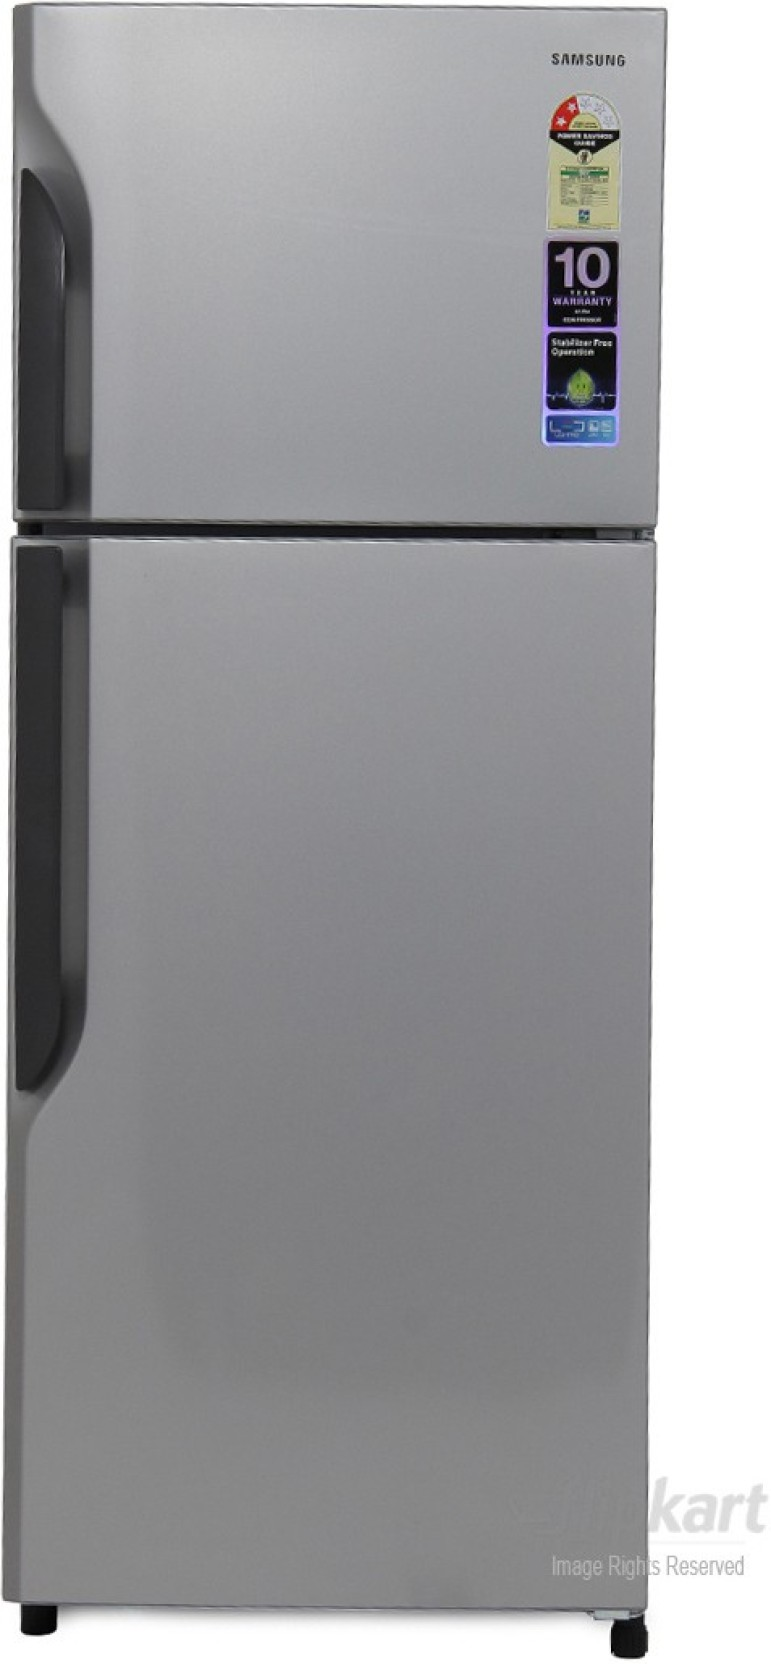 Samsung 255 L Frost Free Double Door Refrigerator Online